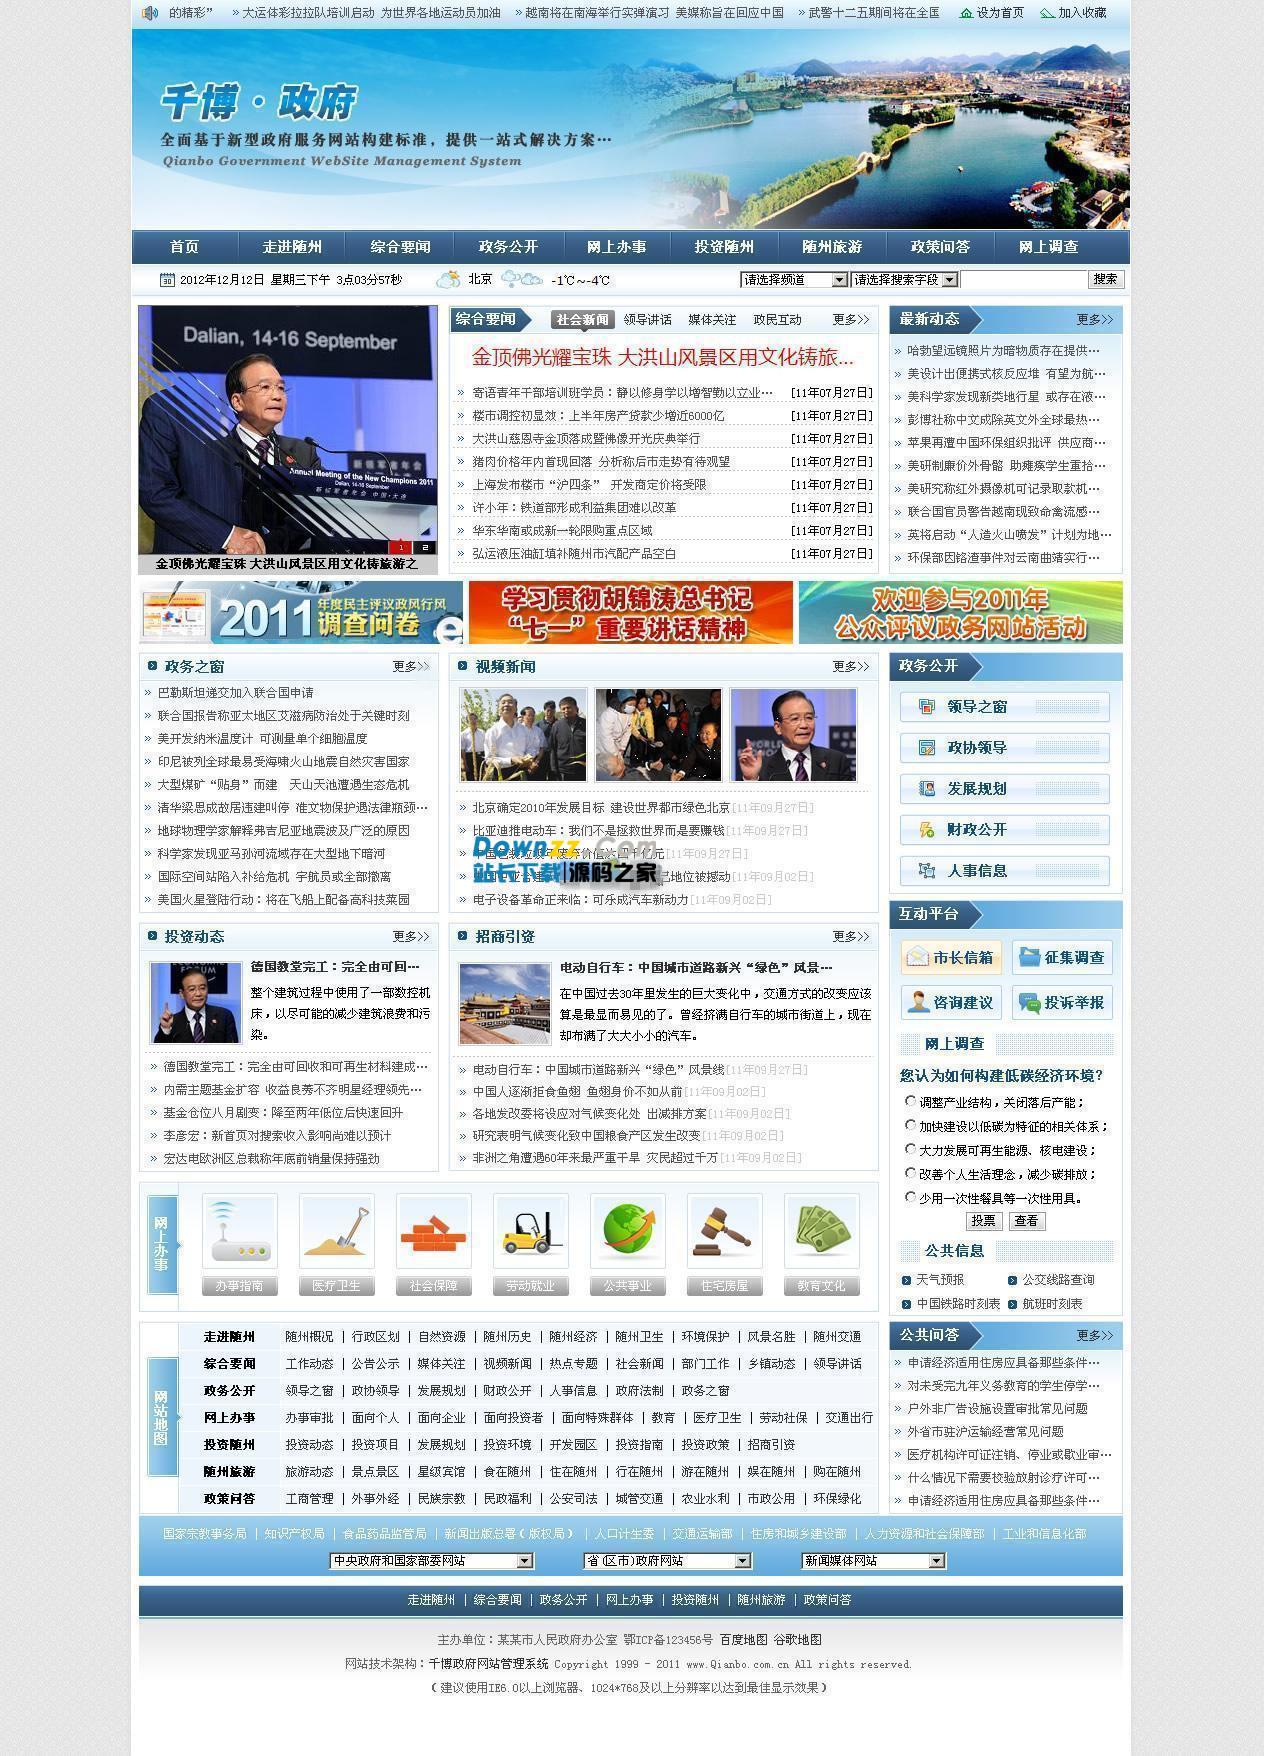 千博政府网站群管理系统 v2018 Build0428